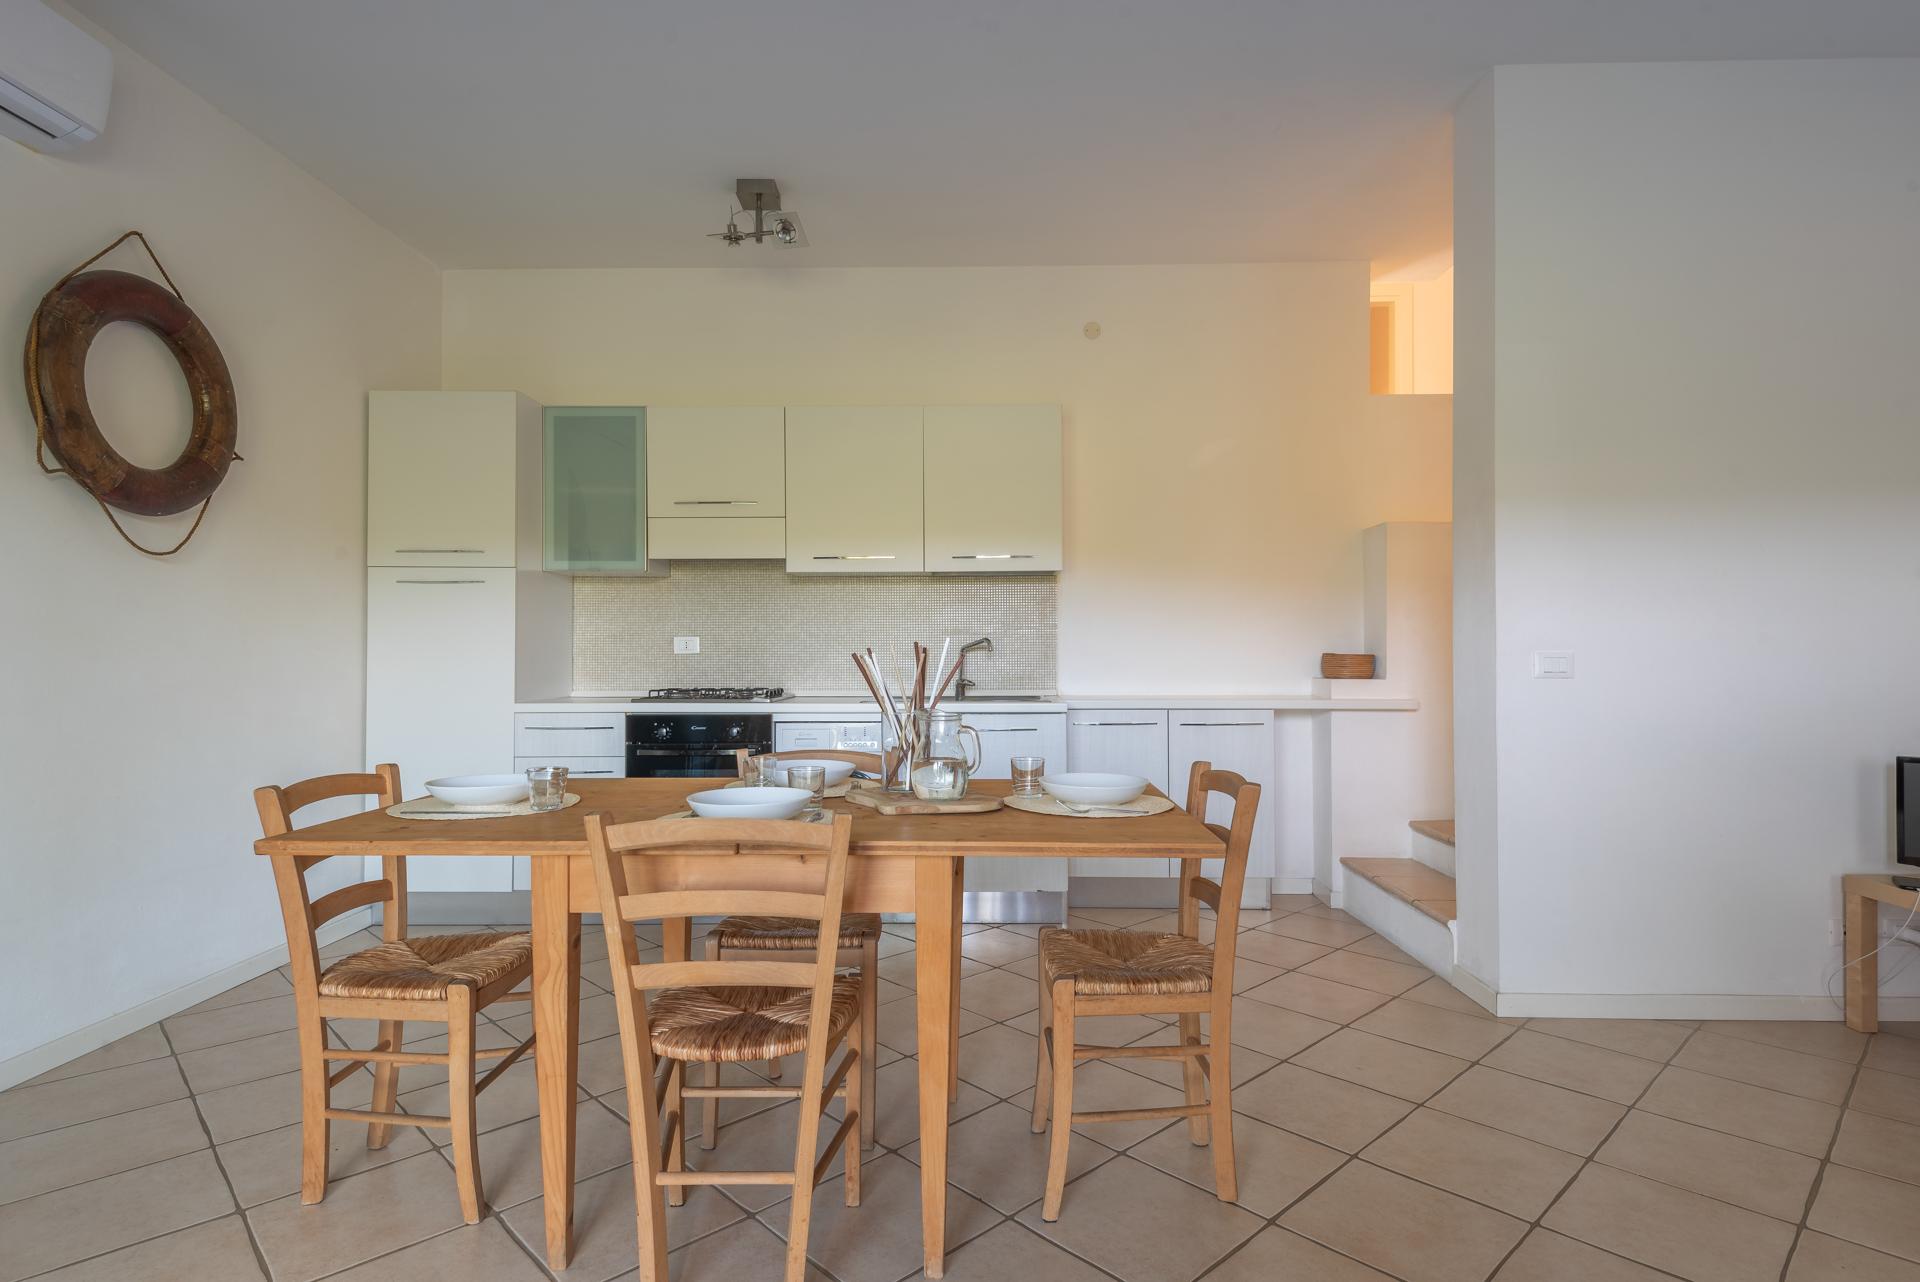 Trilocale Per 6 Persone Ea Bianca Appartamenti In Affitto A Baja Sardinia Sardegna Italia